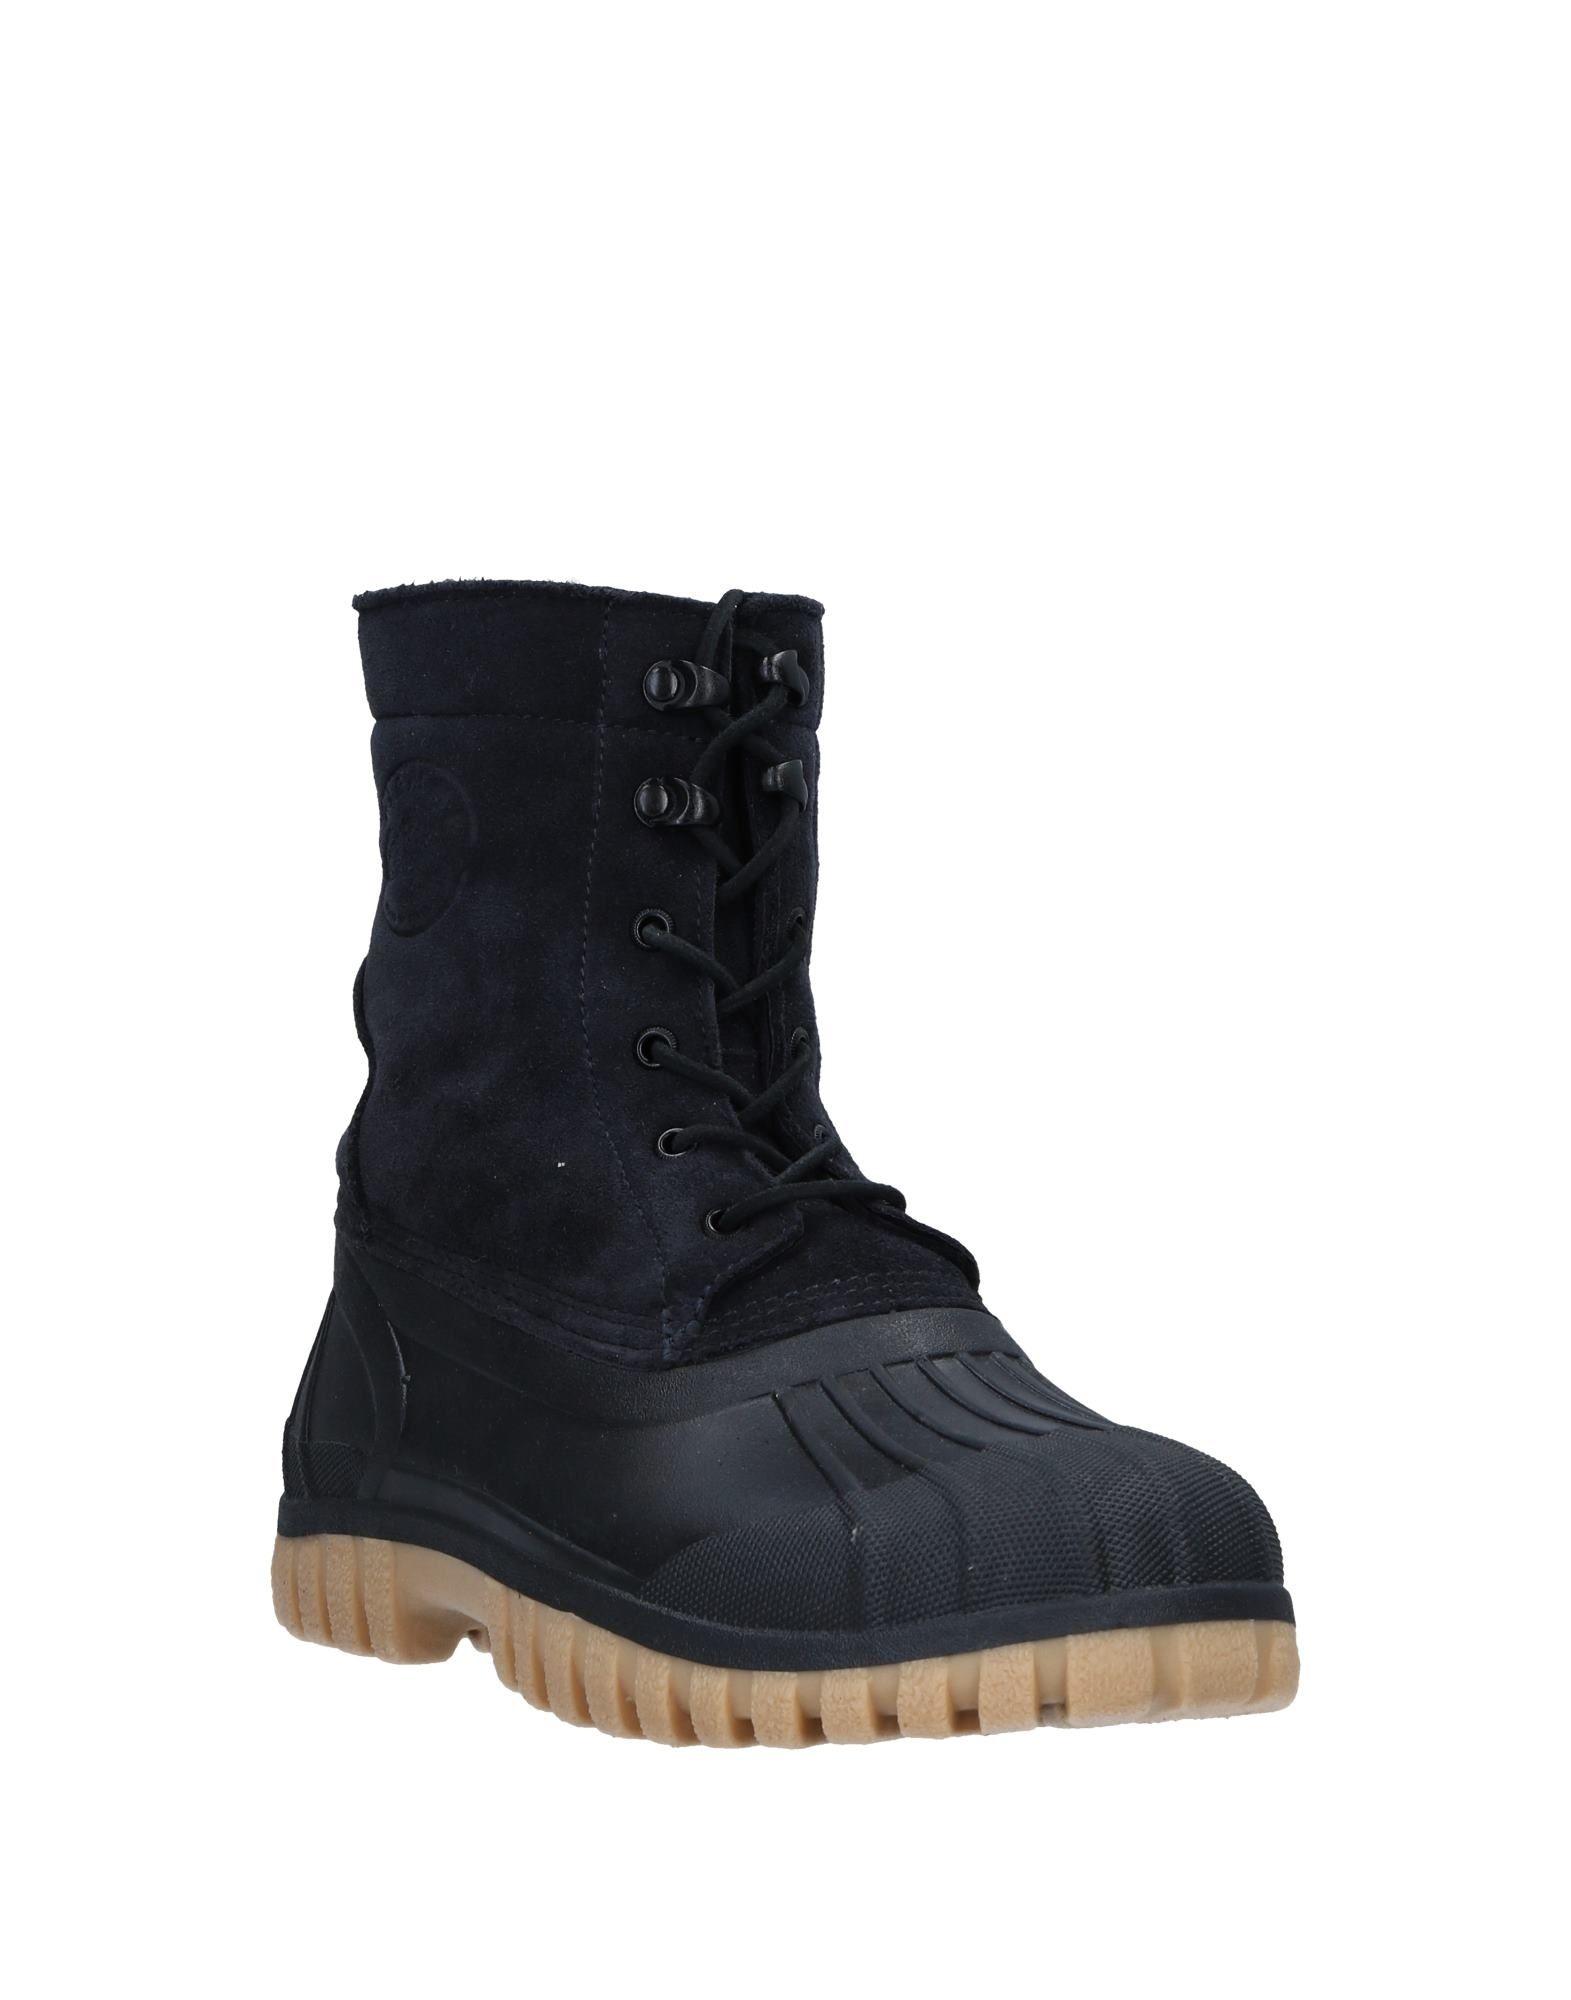 Bottine Diemme Homme Les Bottines Bottines Bottines Diemme Noir Les chaussures les 7ad4ee